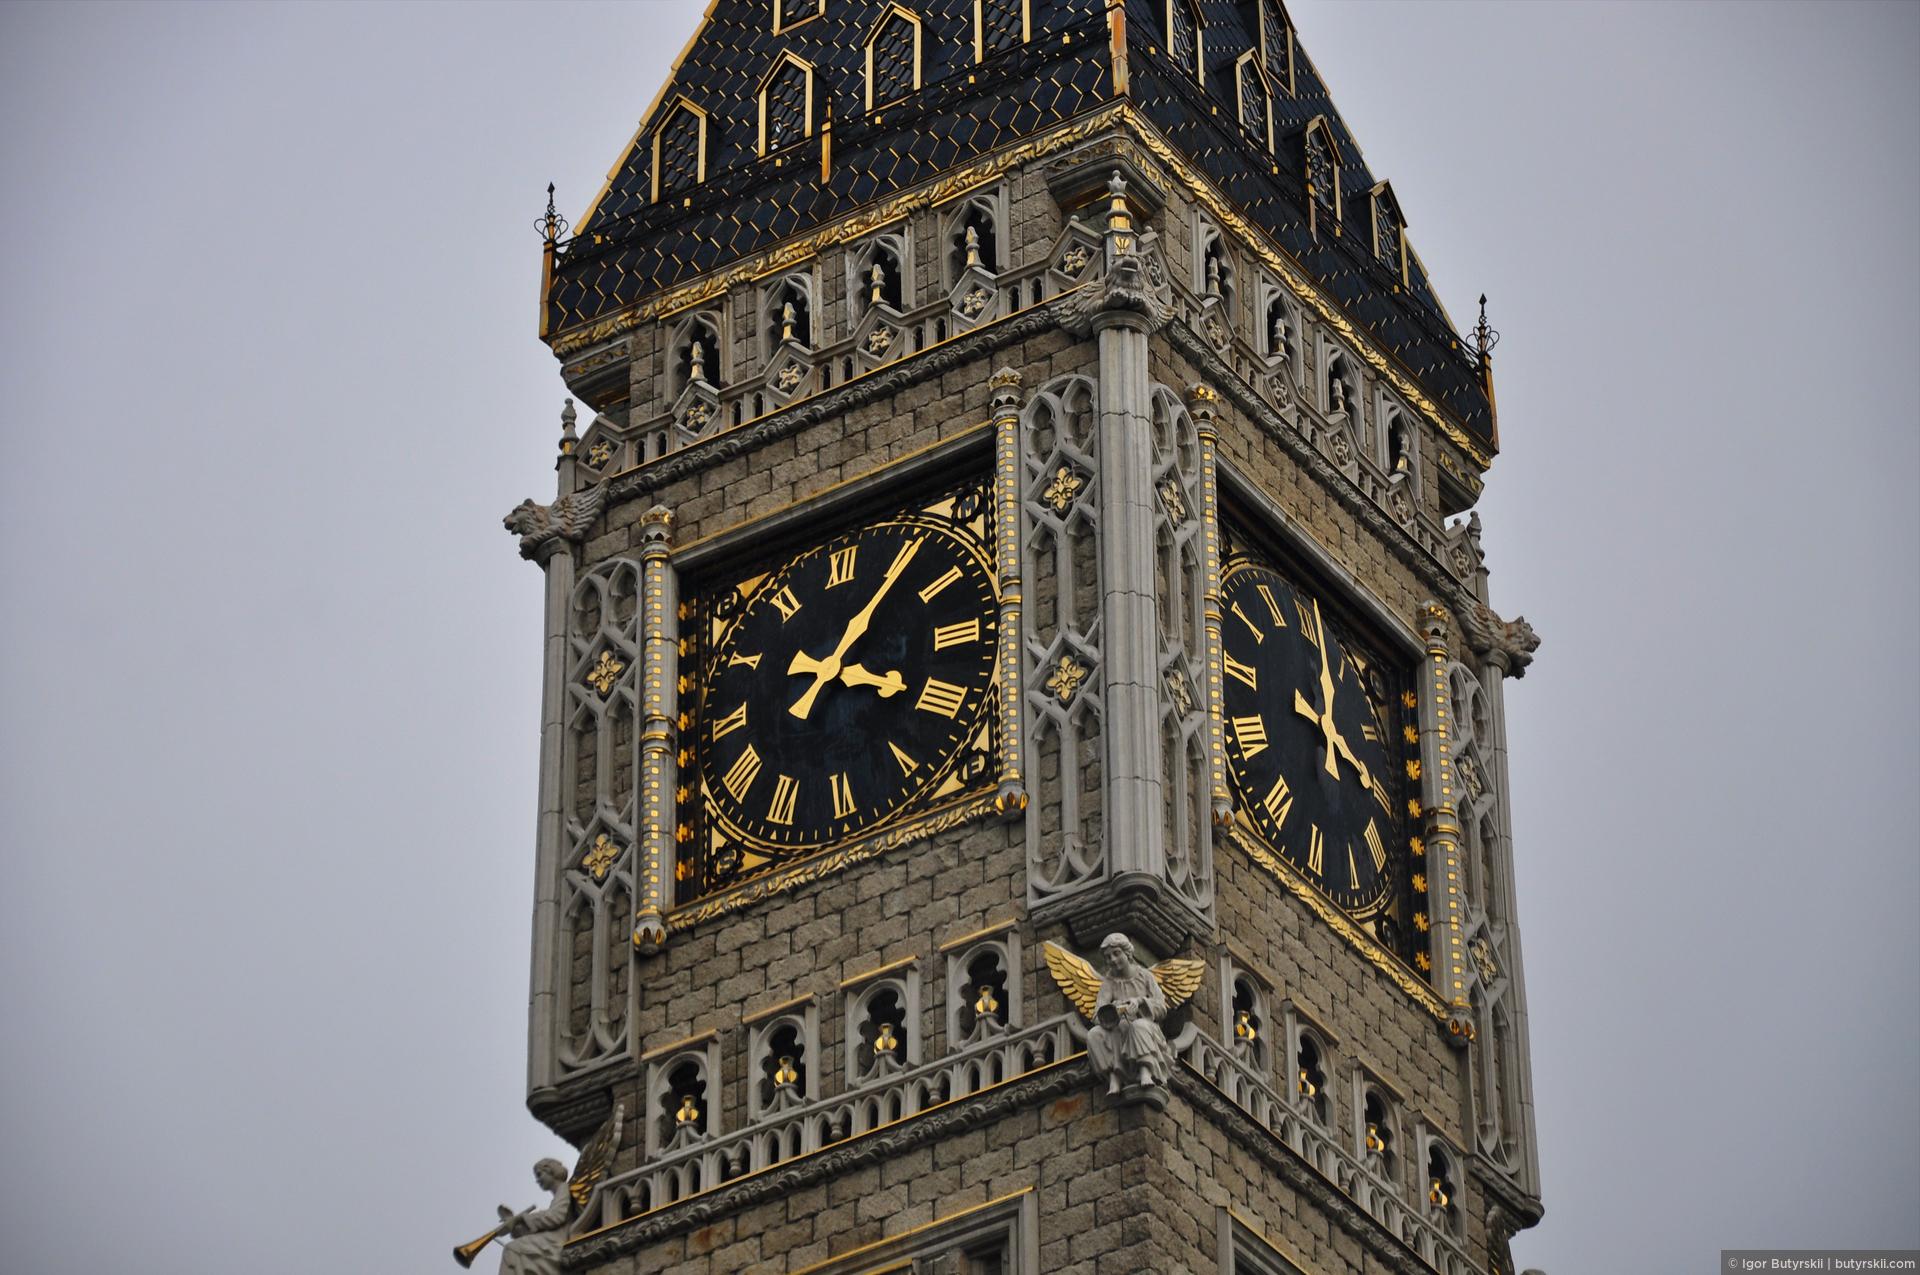 32. Архитекторы пытались повторить башню Биг-Бен, я не знаю, насколько близко получилось, но уровень внимания к деталям приятно удивляет., Сургут